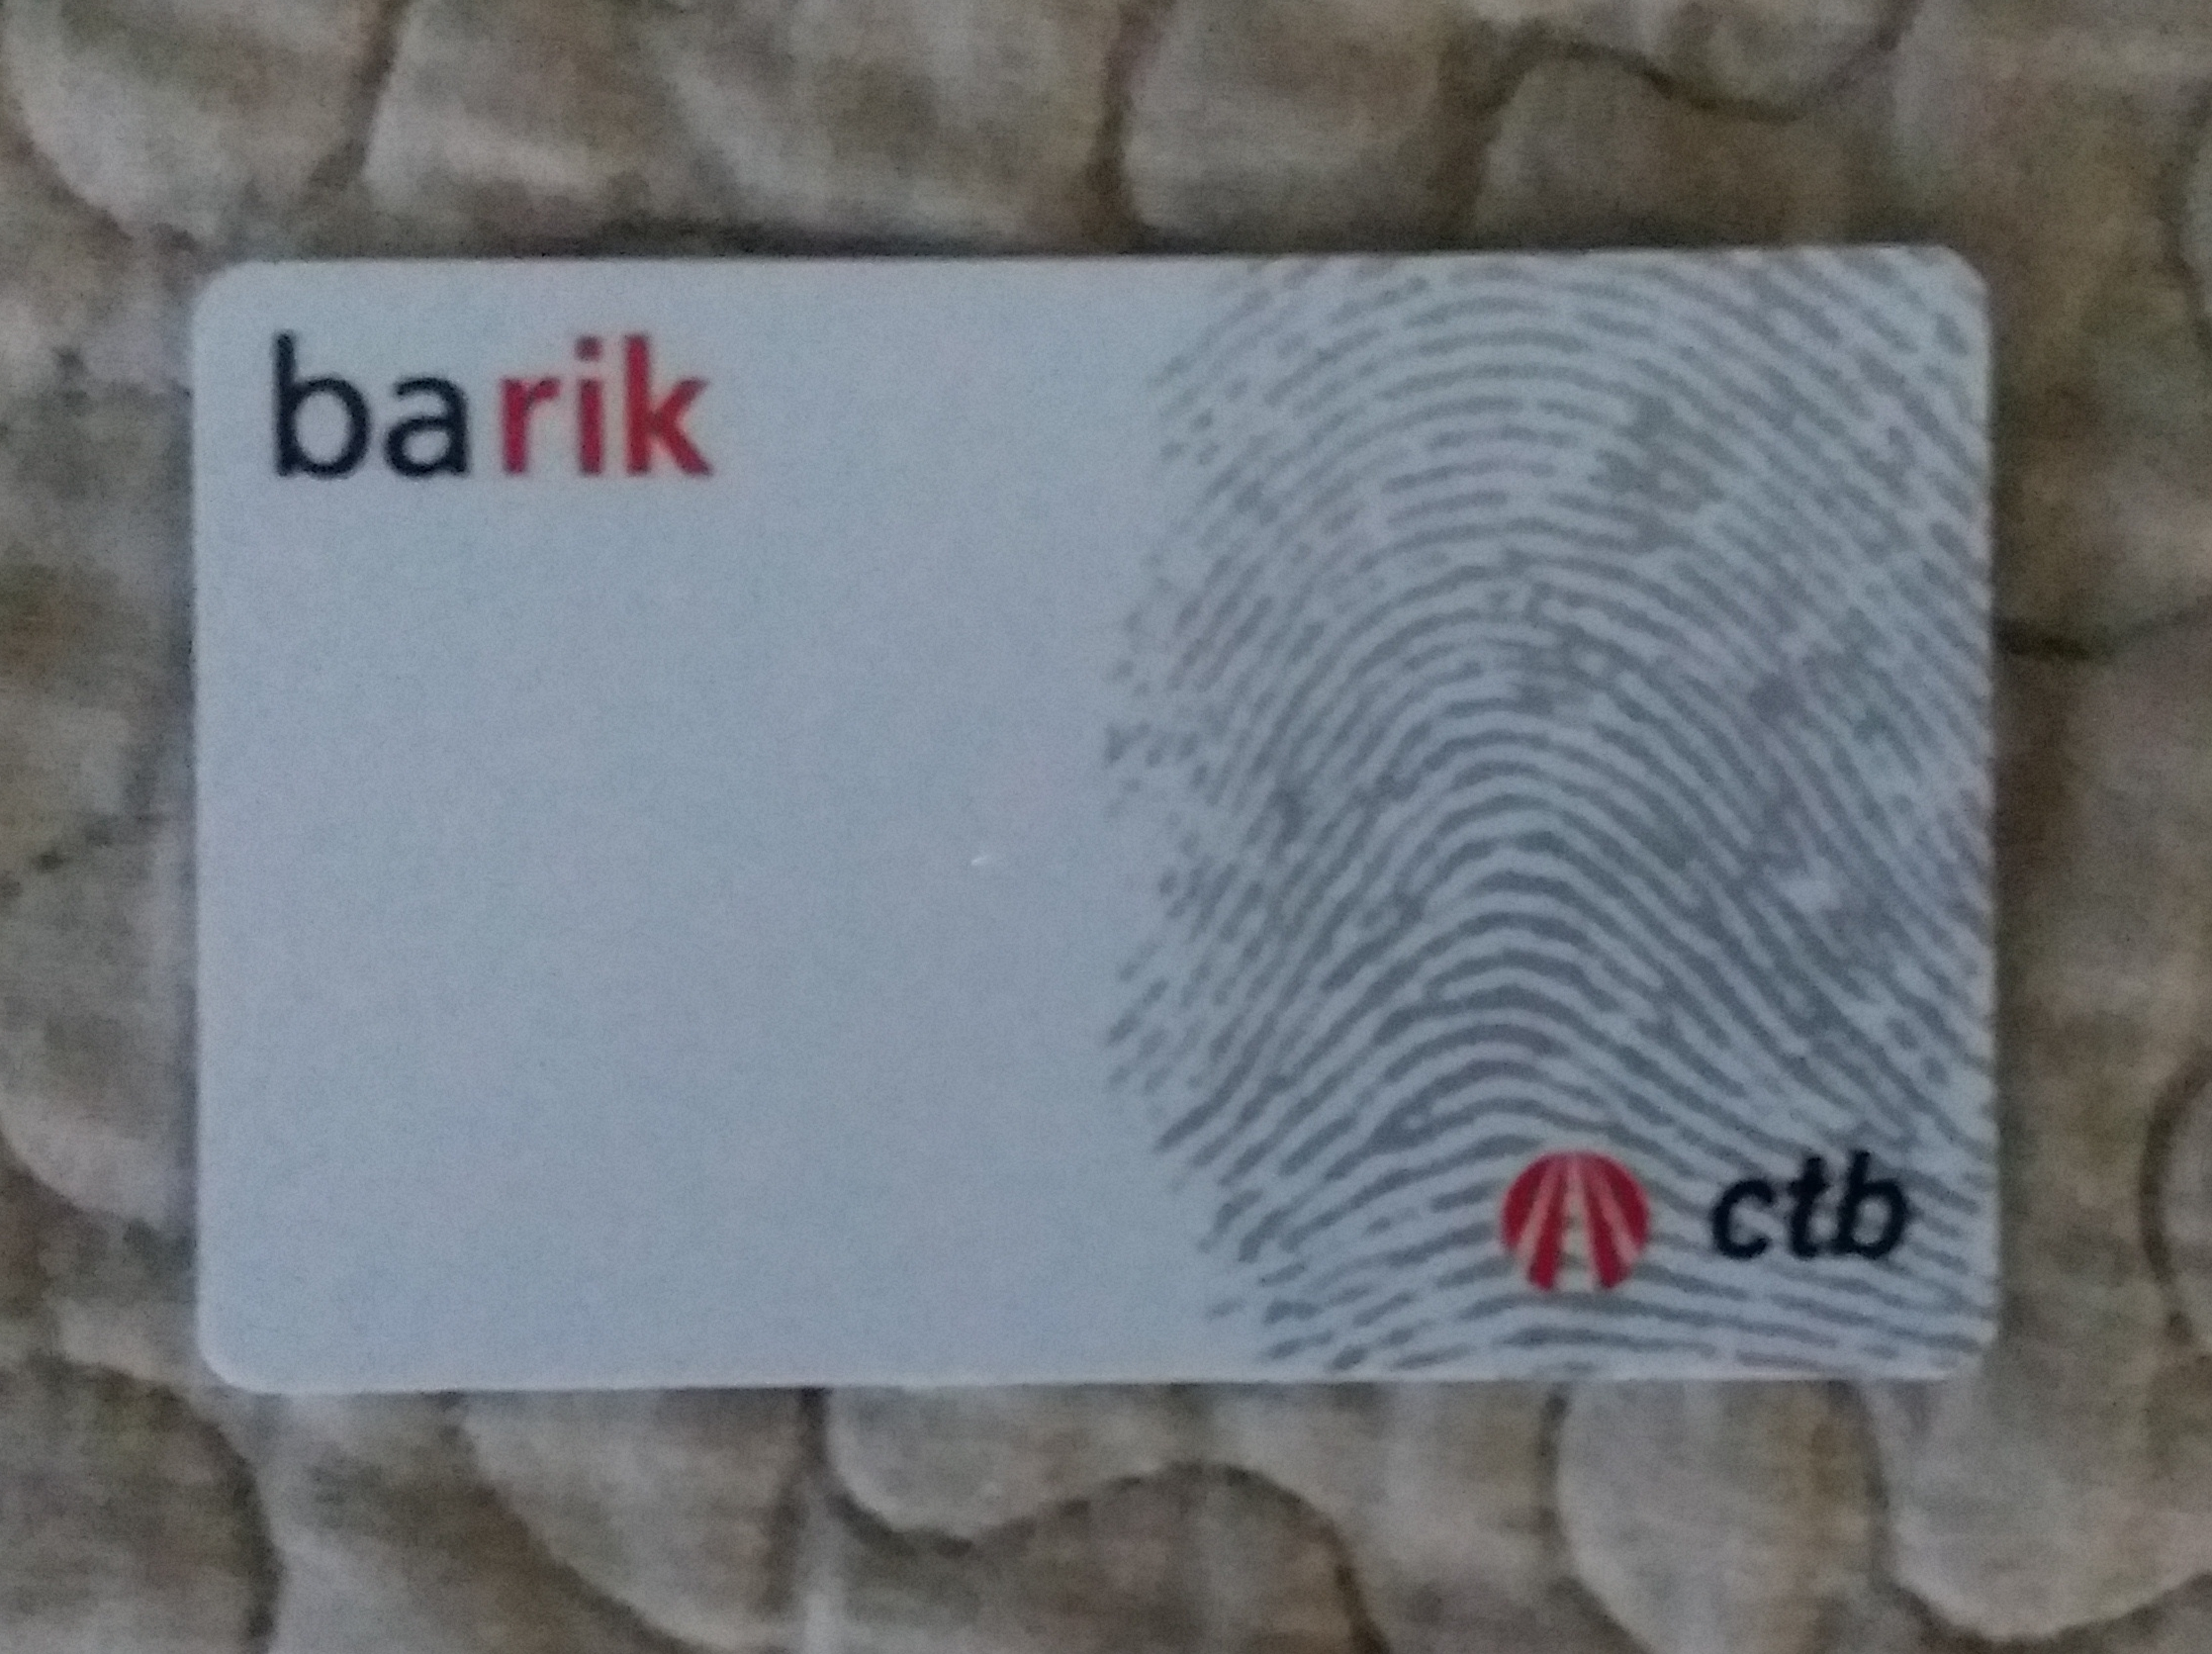 3.26.18 1 barik card.jpg